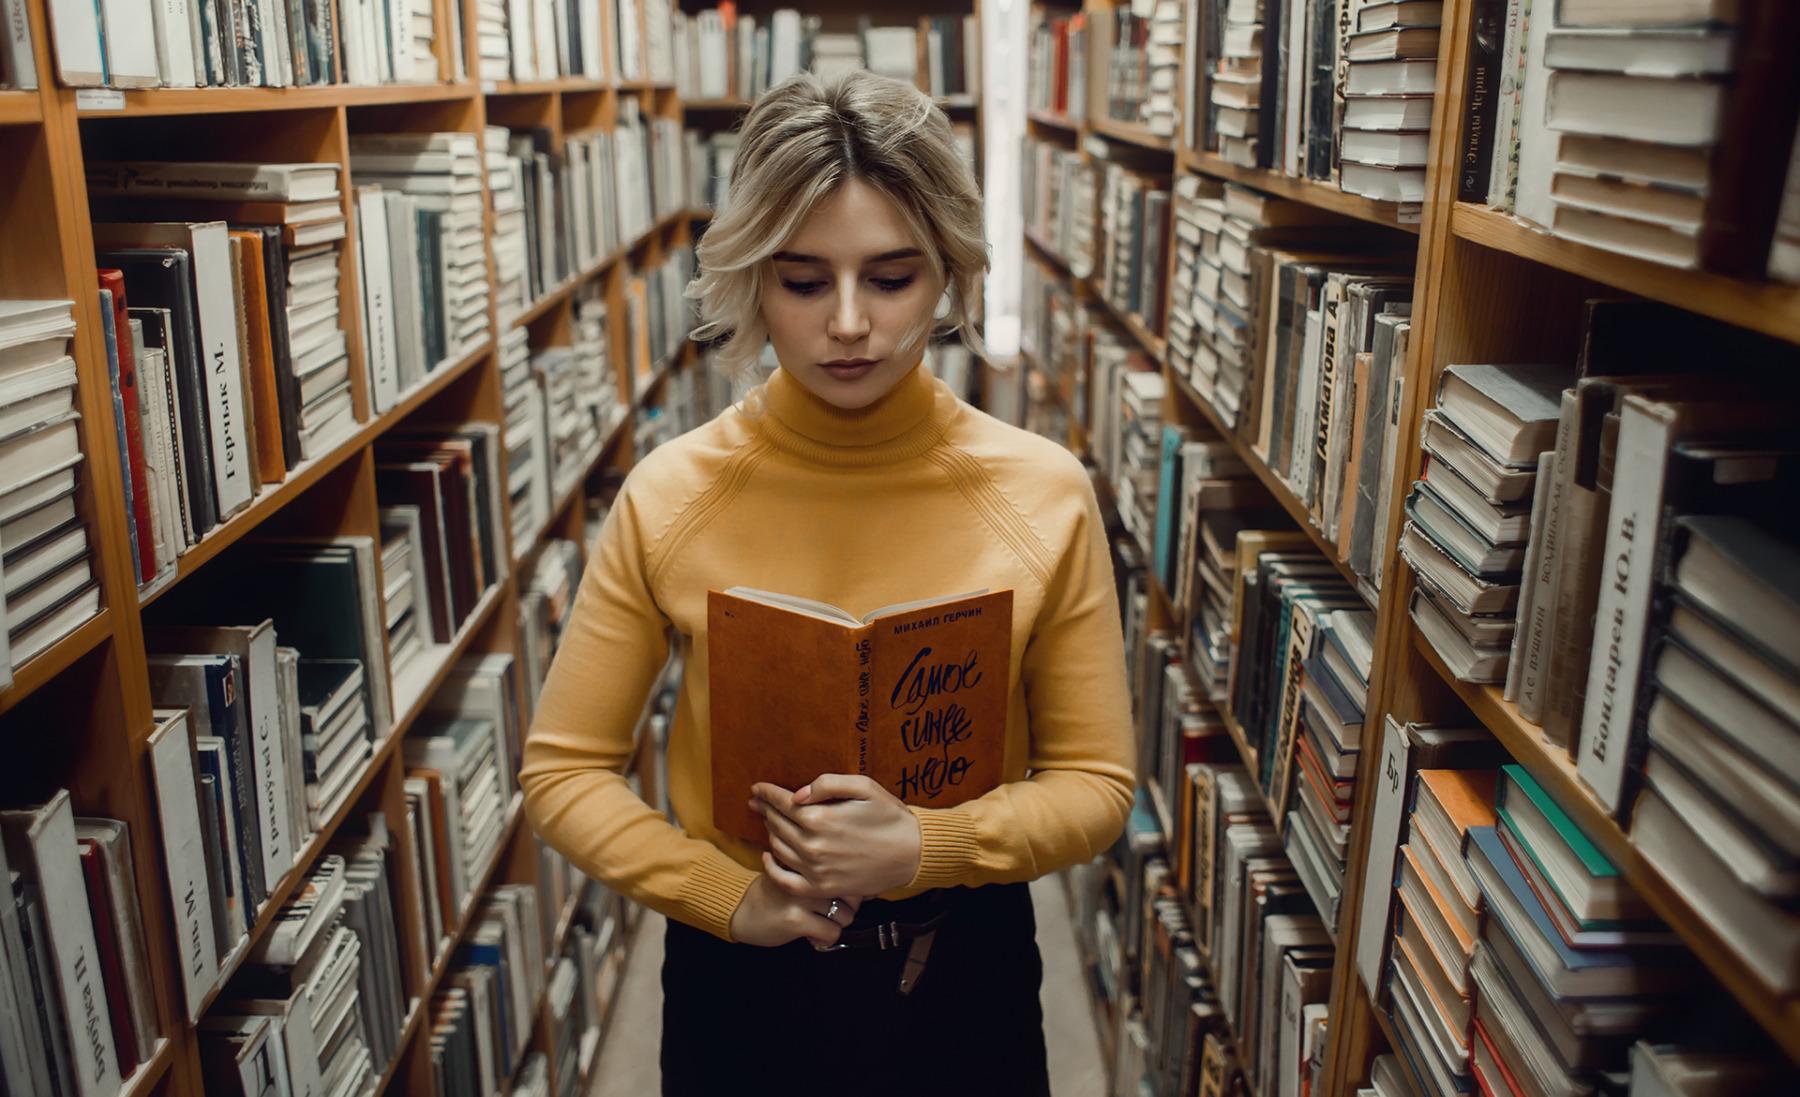 Съем девушки в библиотеке #14